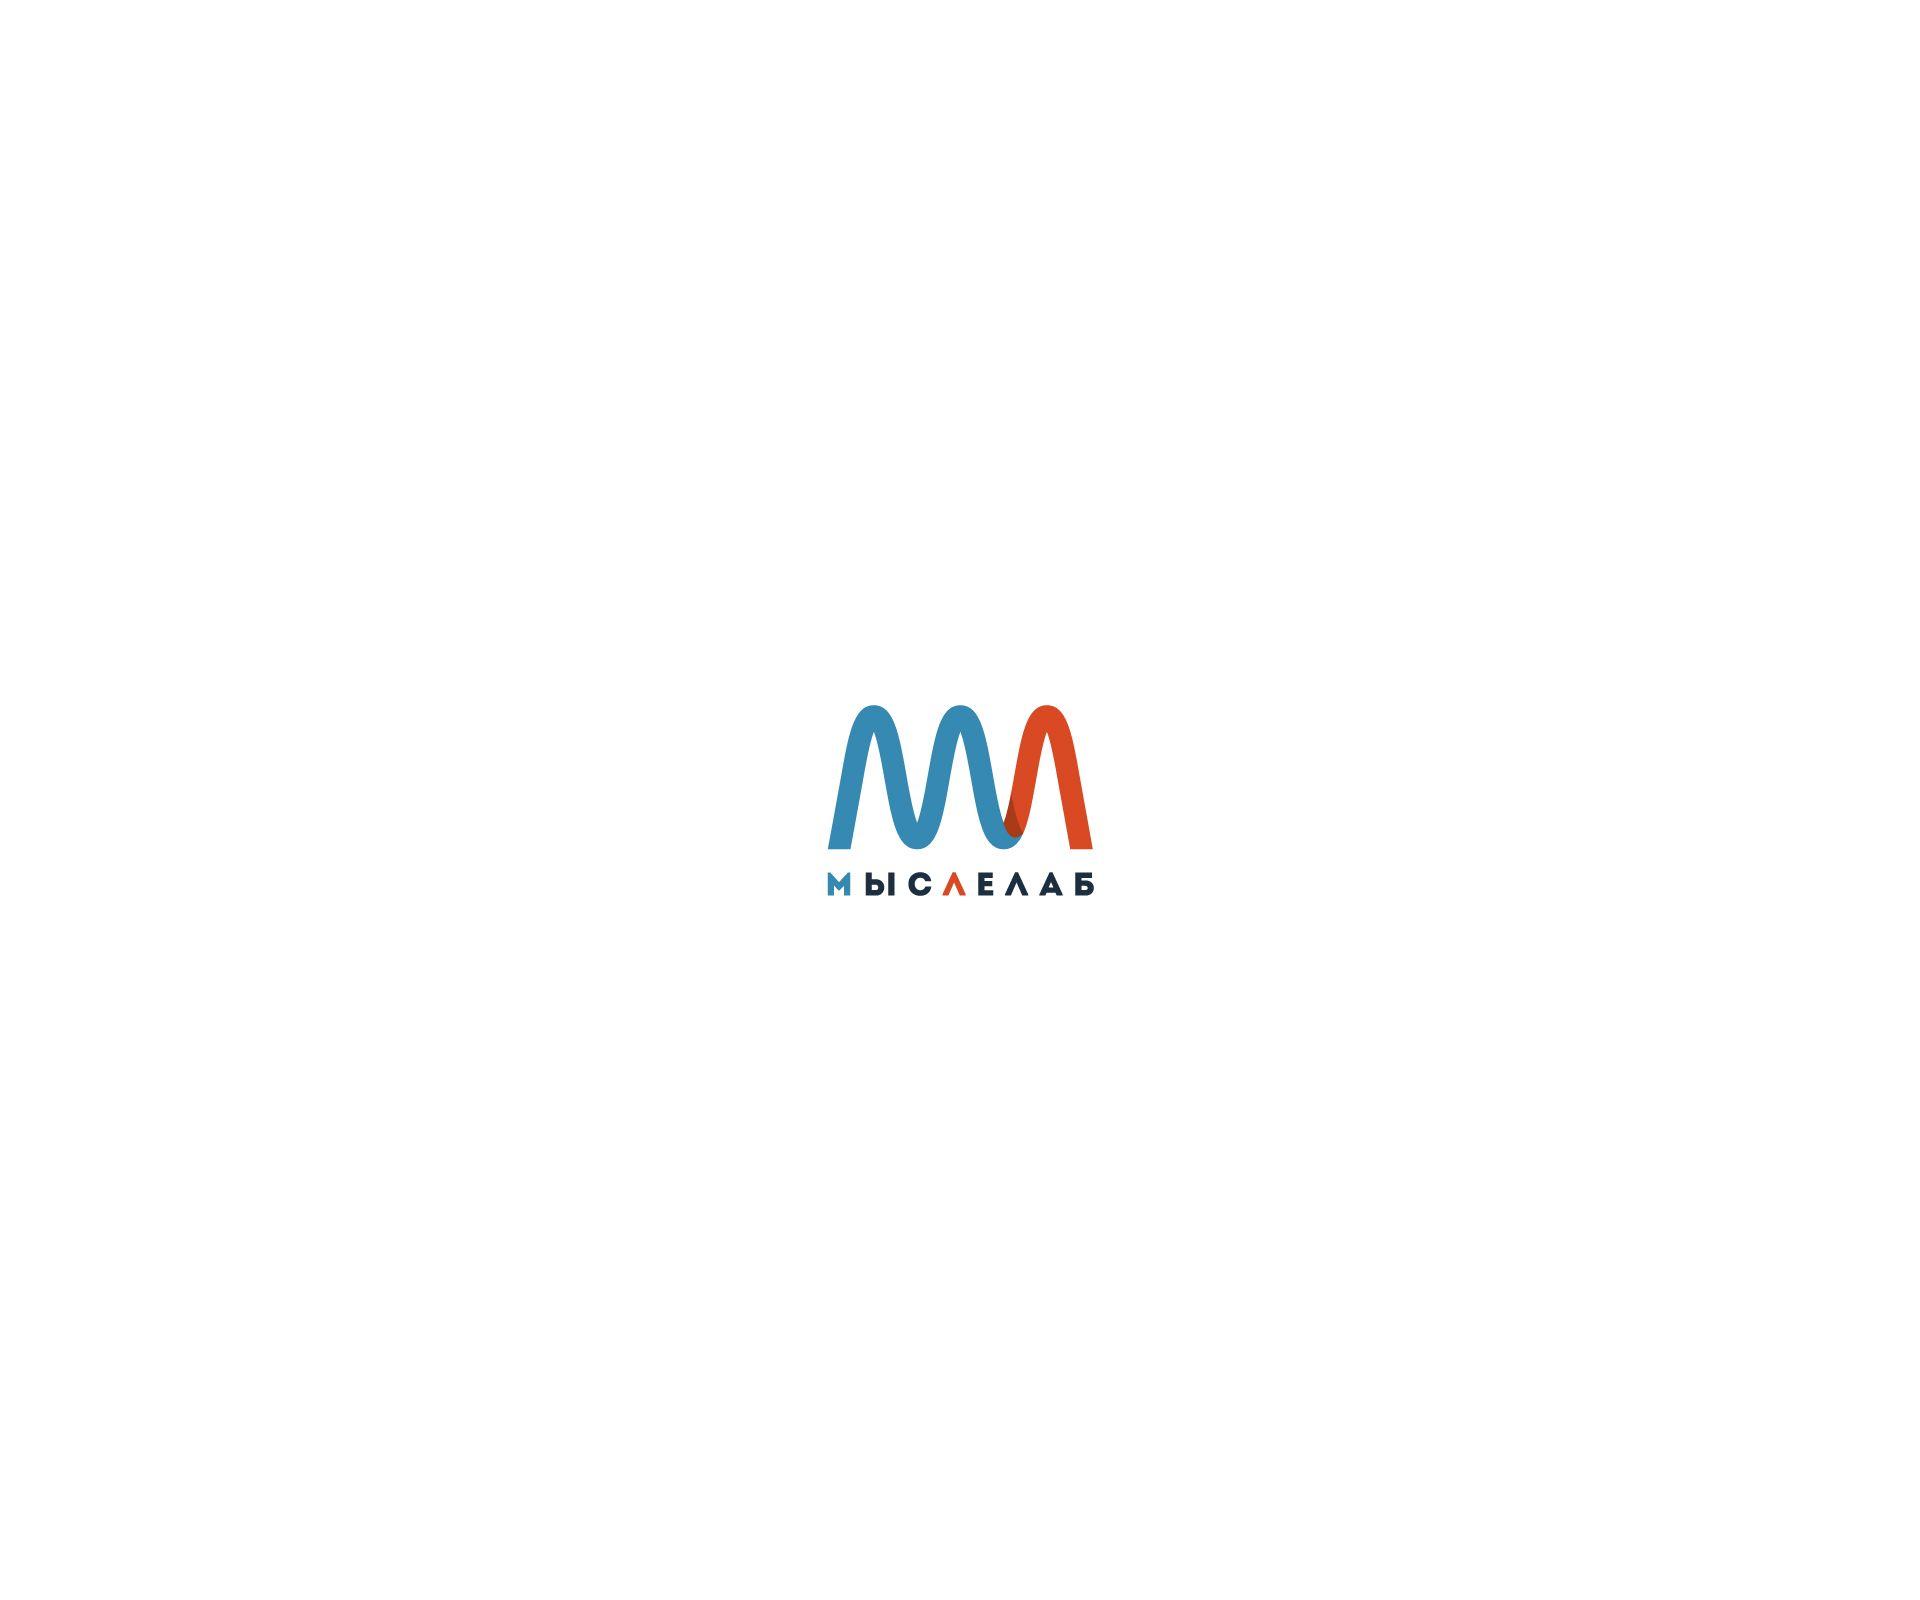 Мыслелаб! Логотип для интеллектуального центра - дизайнер Gendarme